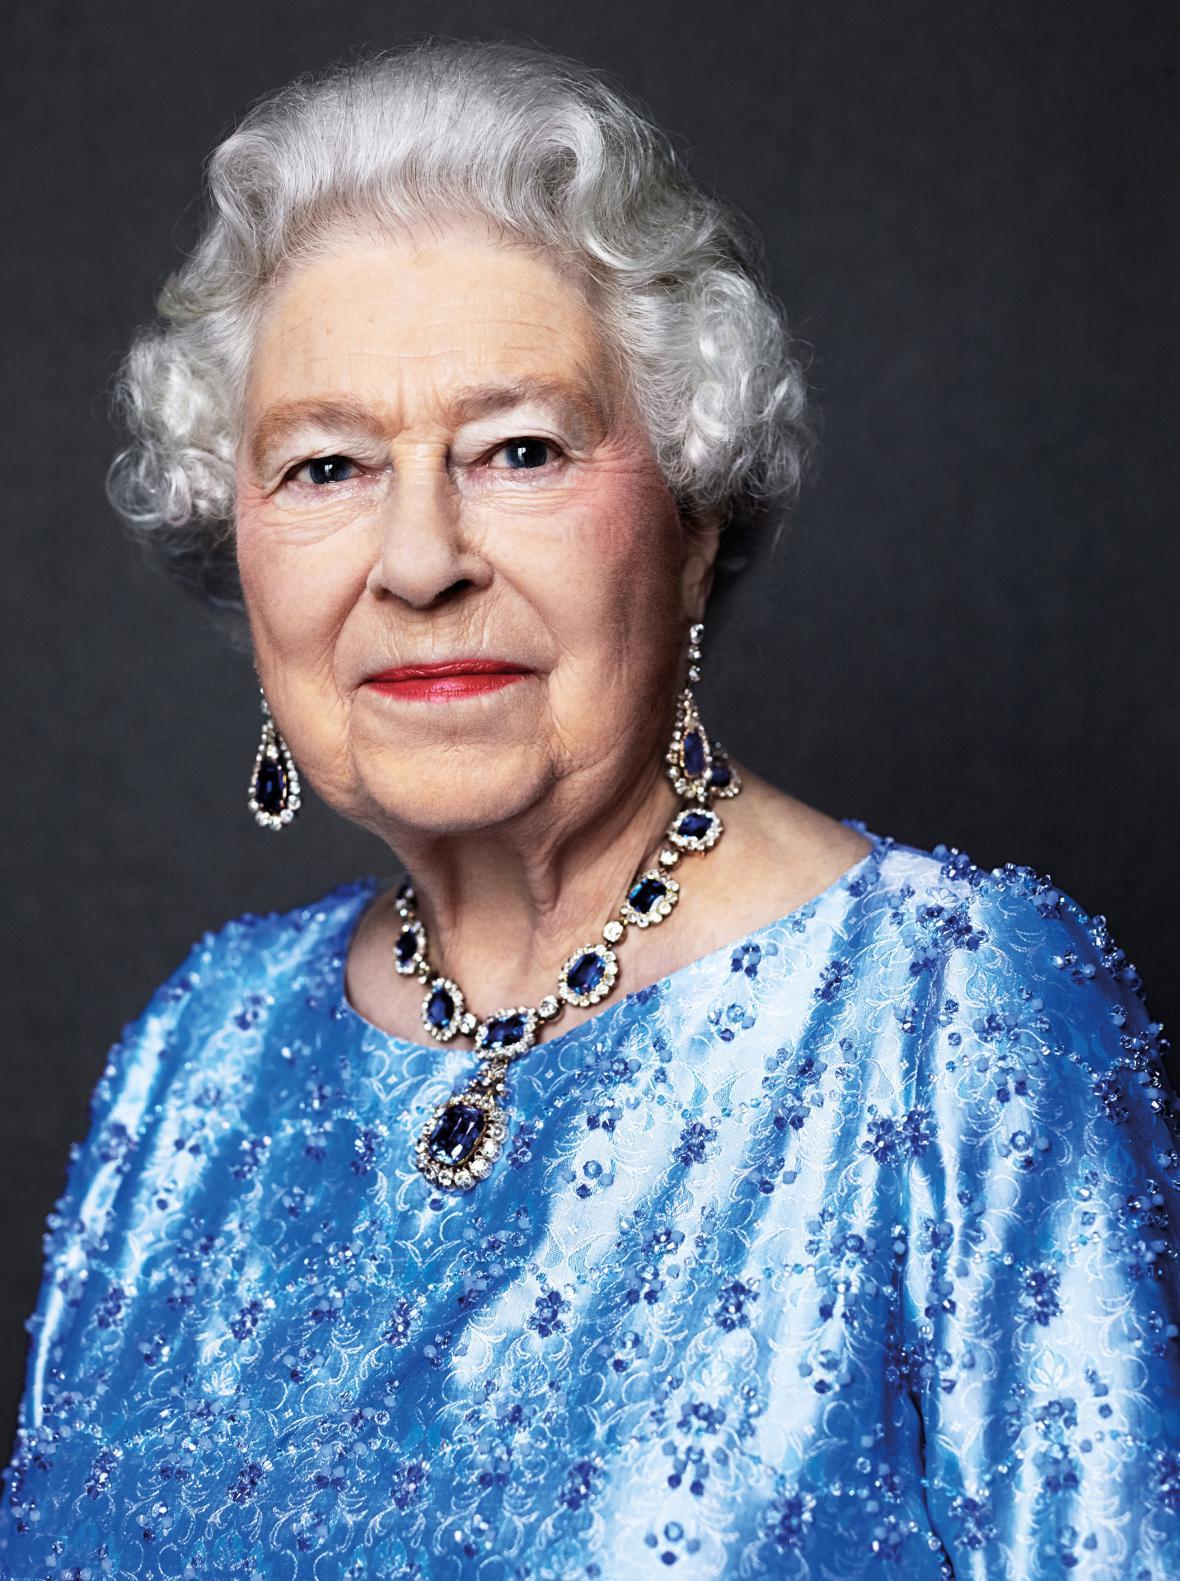 Alžběta II. na oficiálním portrétu k safírovému jubileu